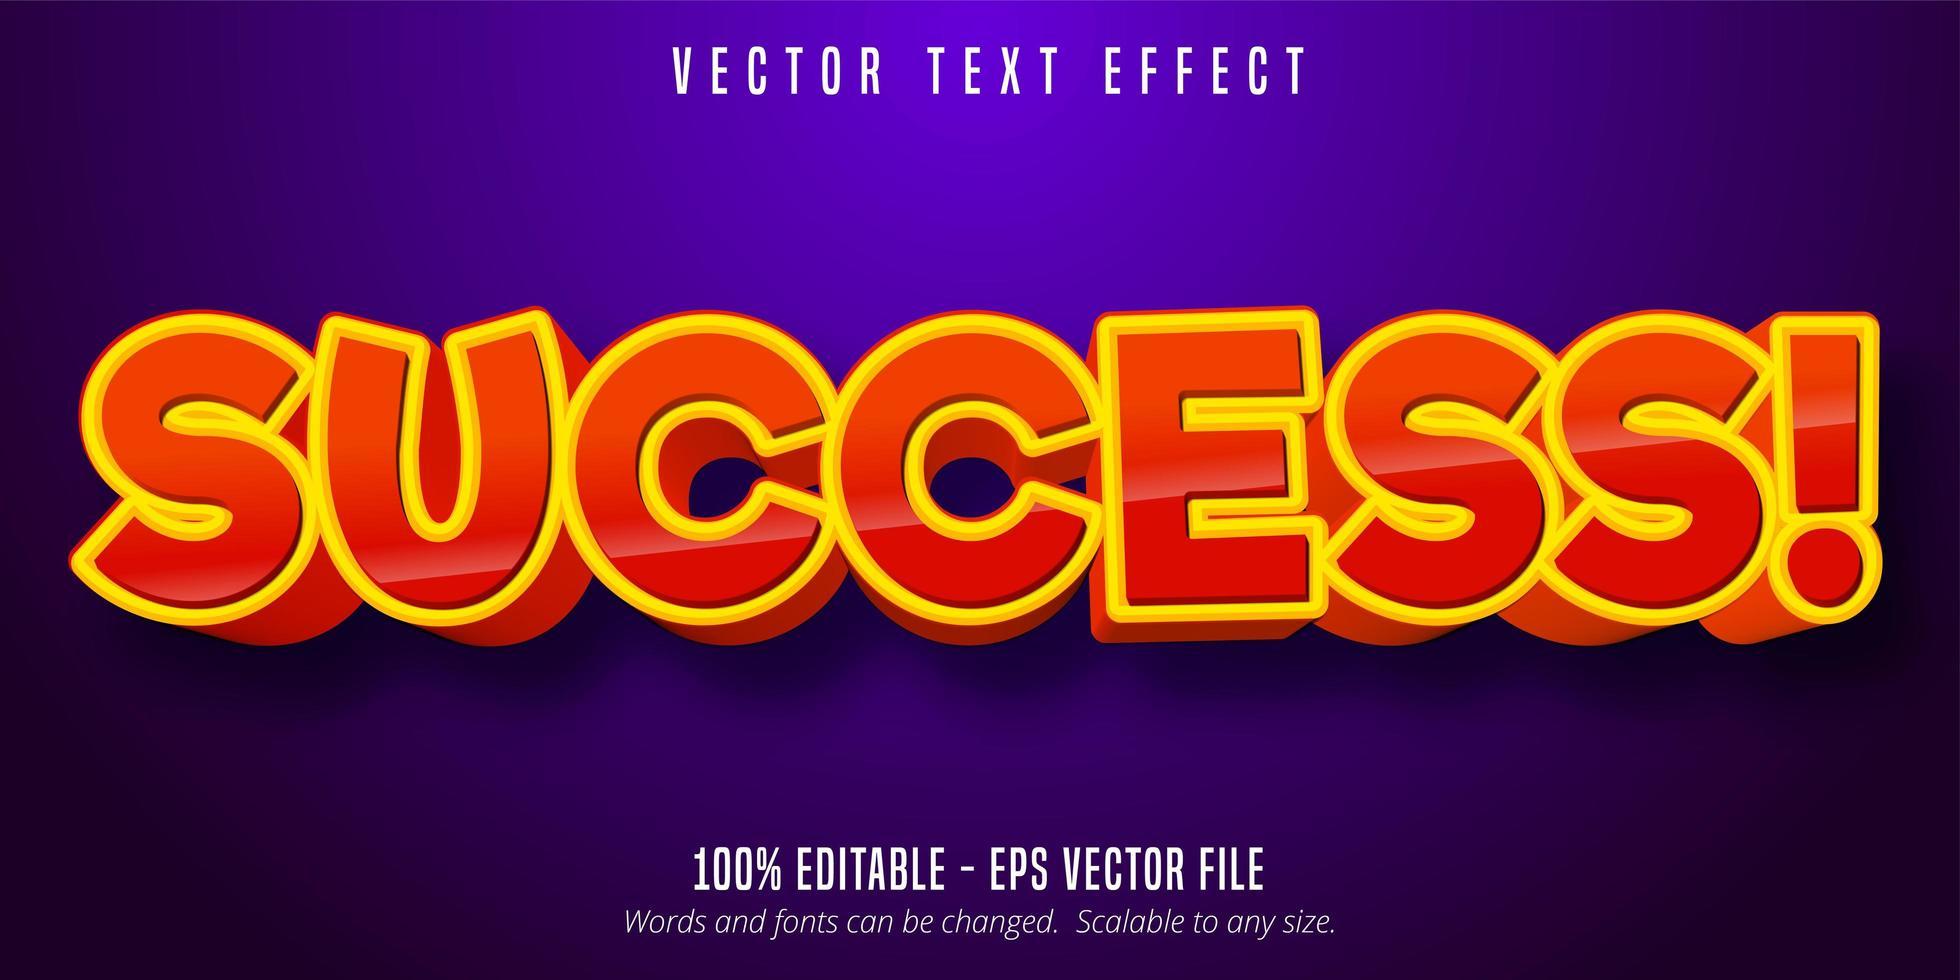 efeito de texto editável de estilo cômico laranja vermelho de sucesso vetor